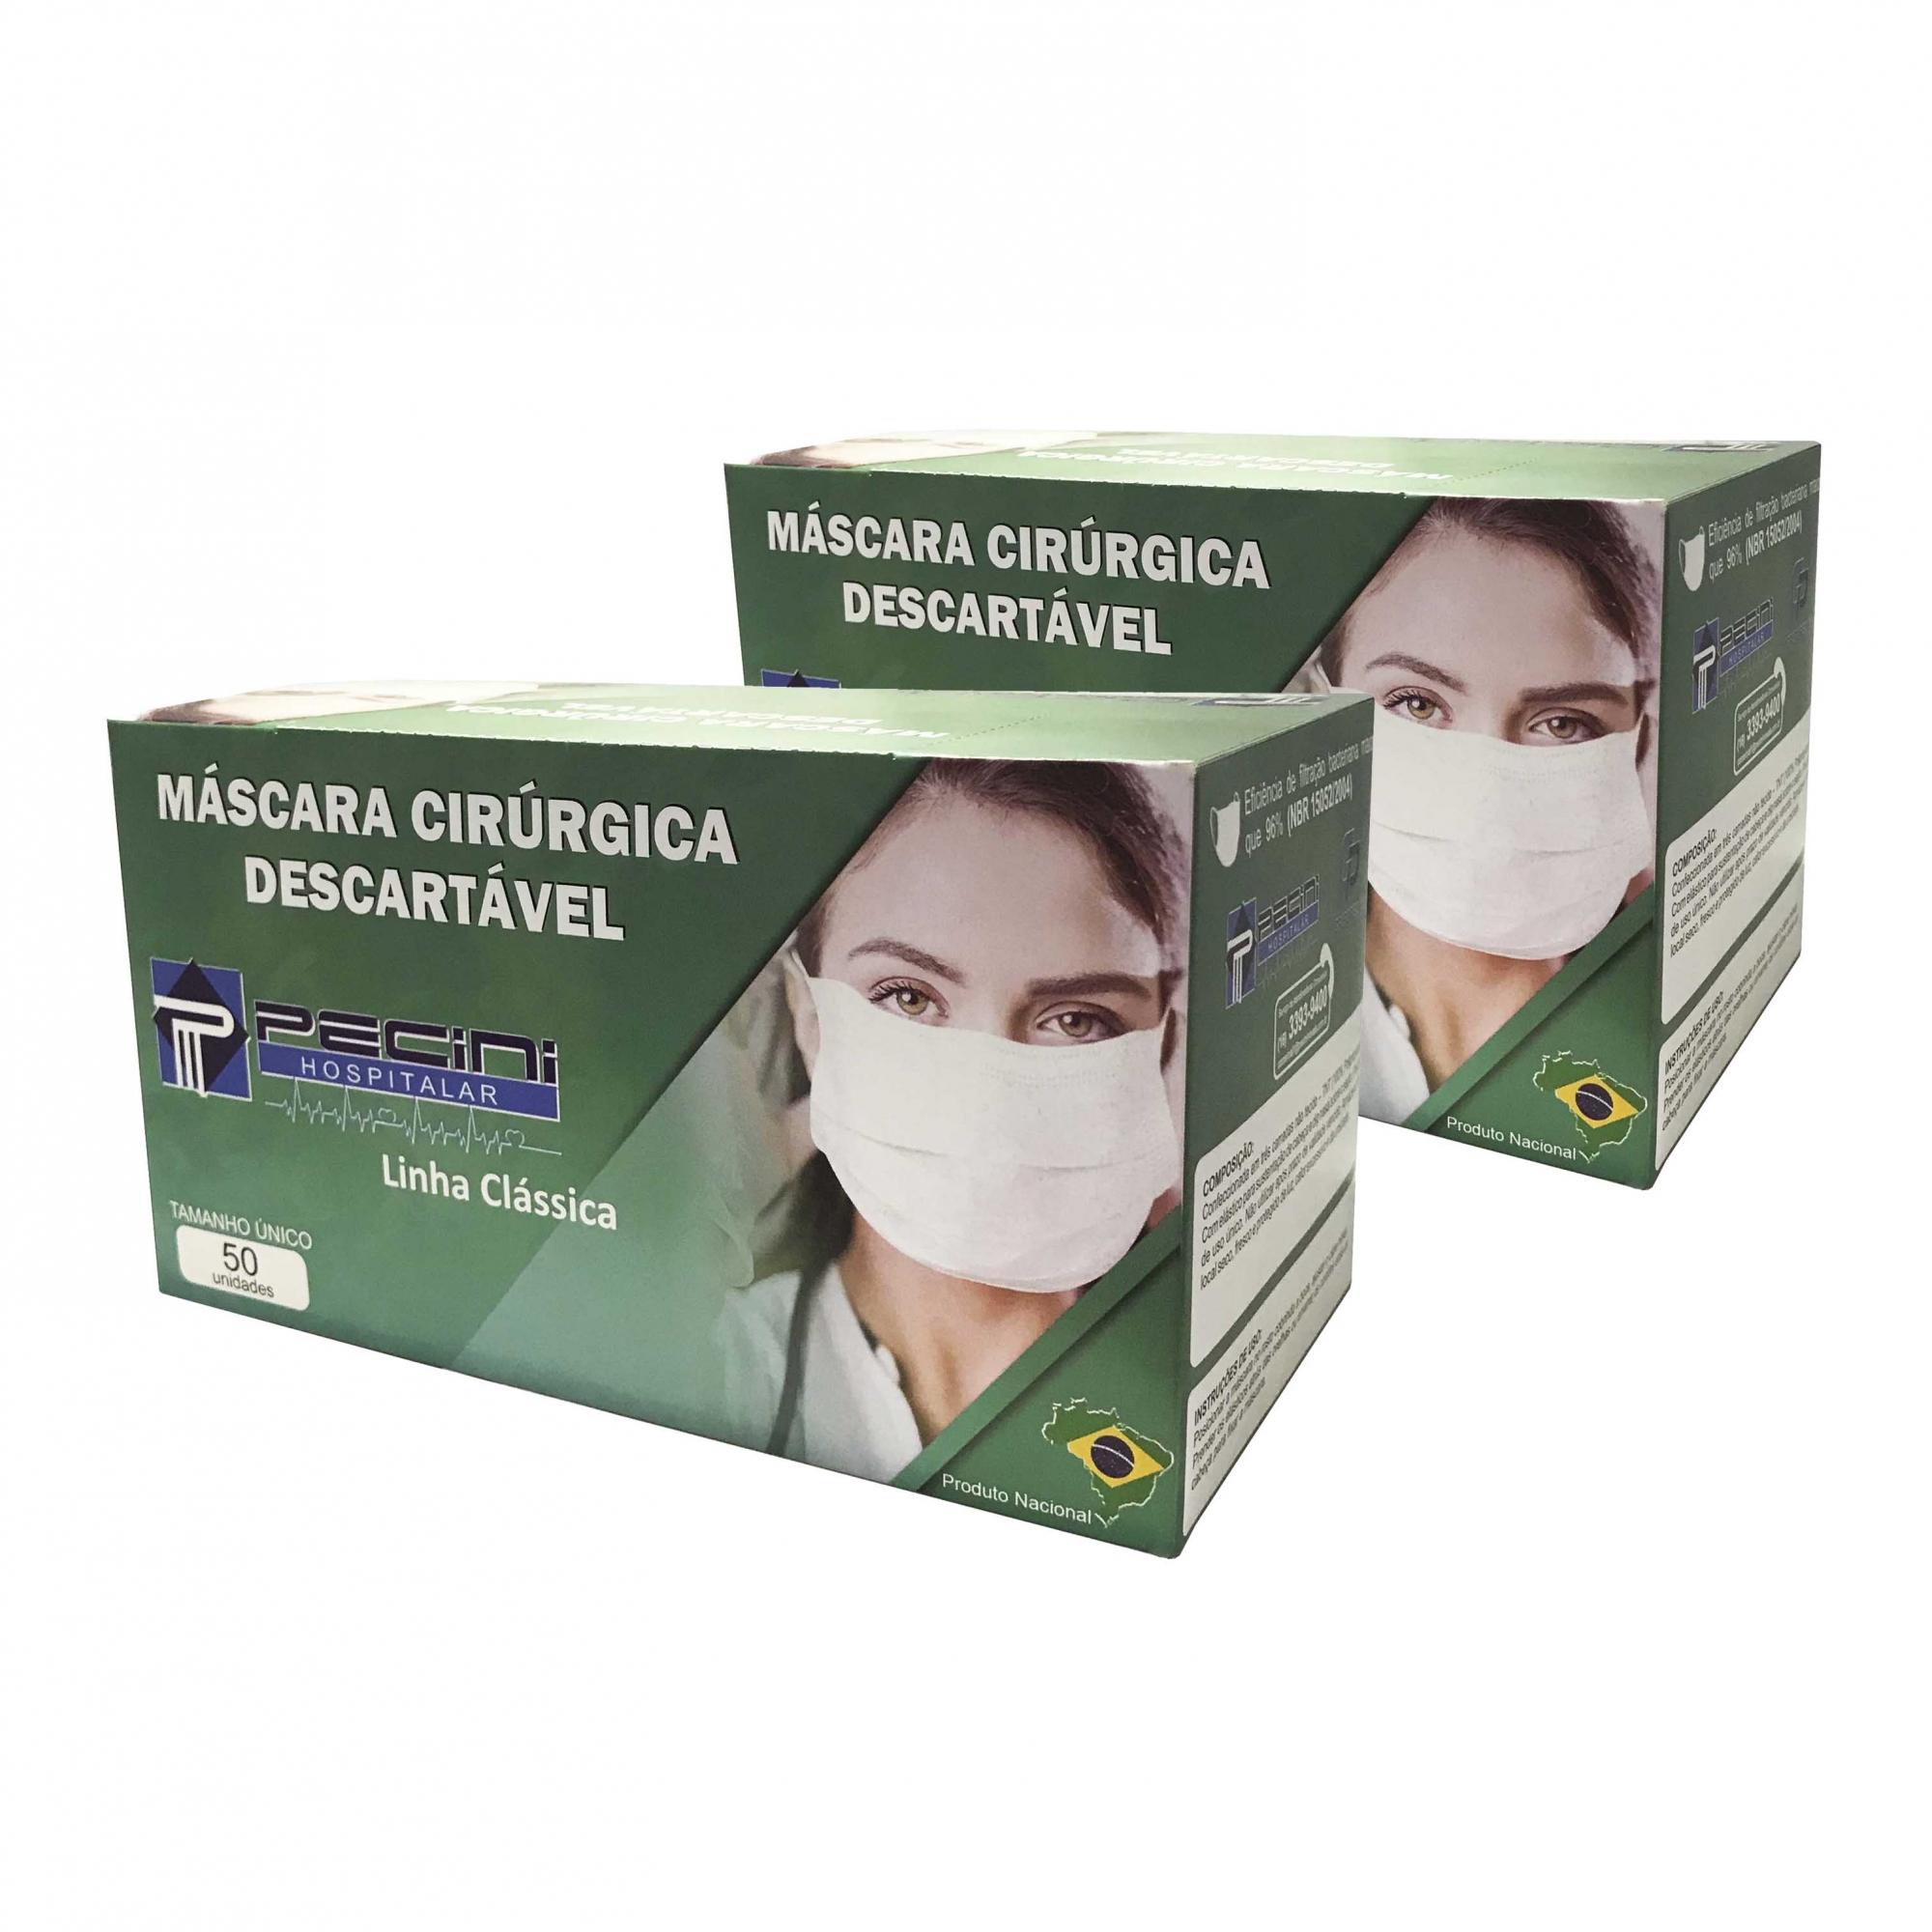 Kit 2 Embalagens - Máscara Descartável Cirúrgica Tripla com Elástico - Linha Clássica - com 50 Unidades Cada